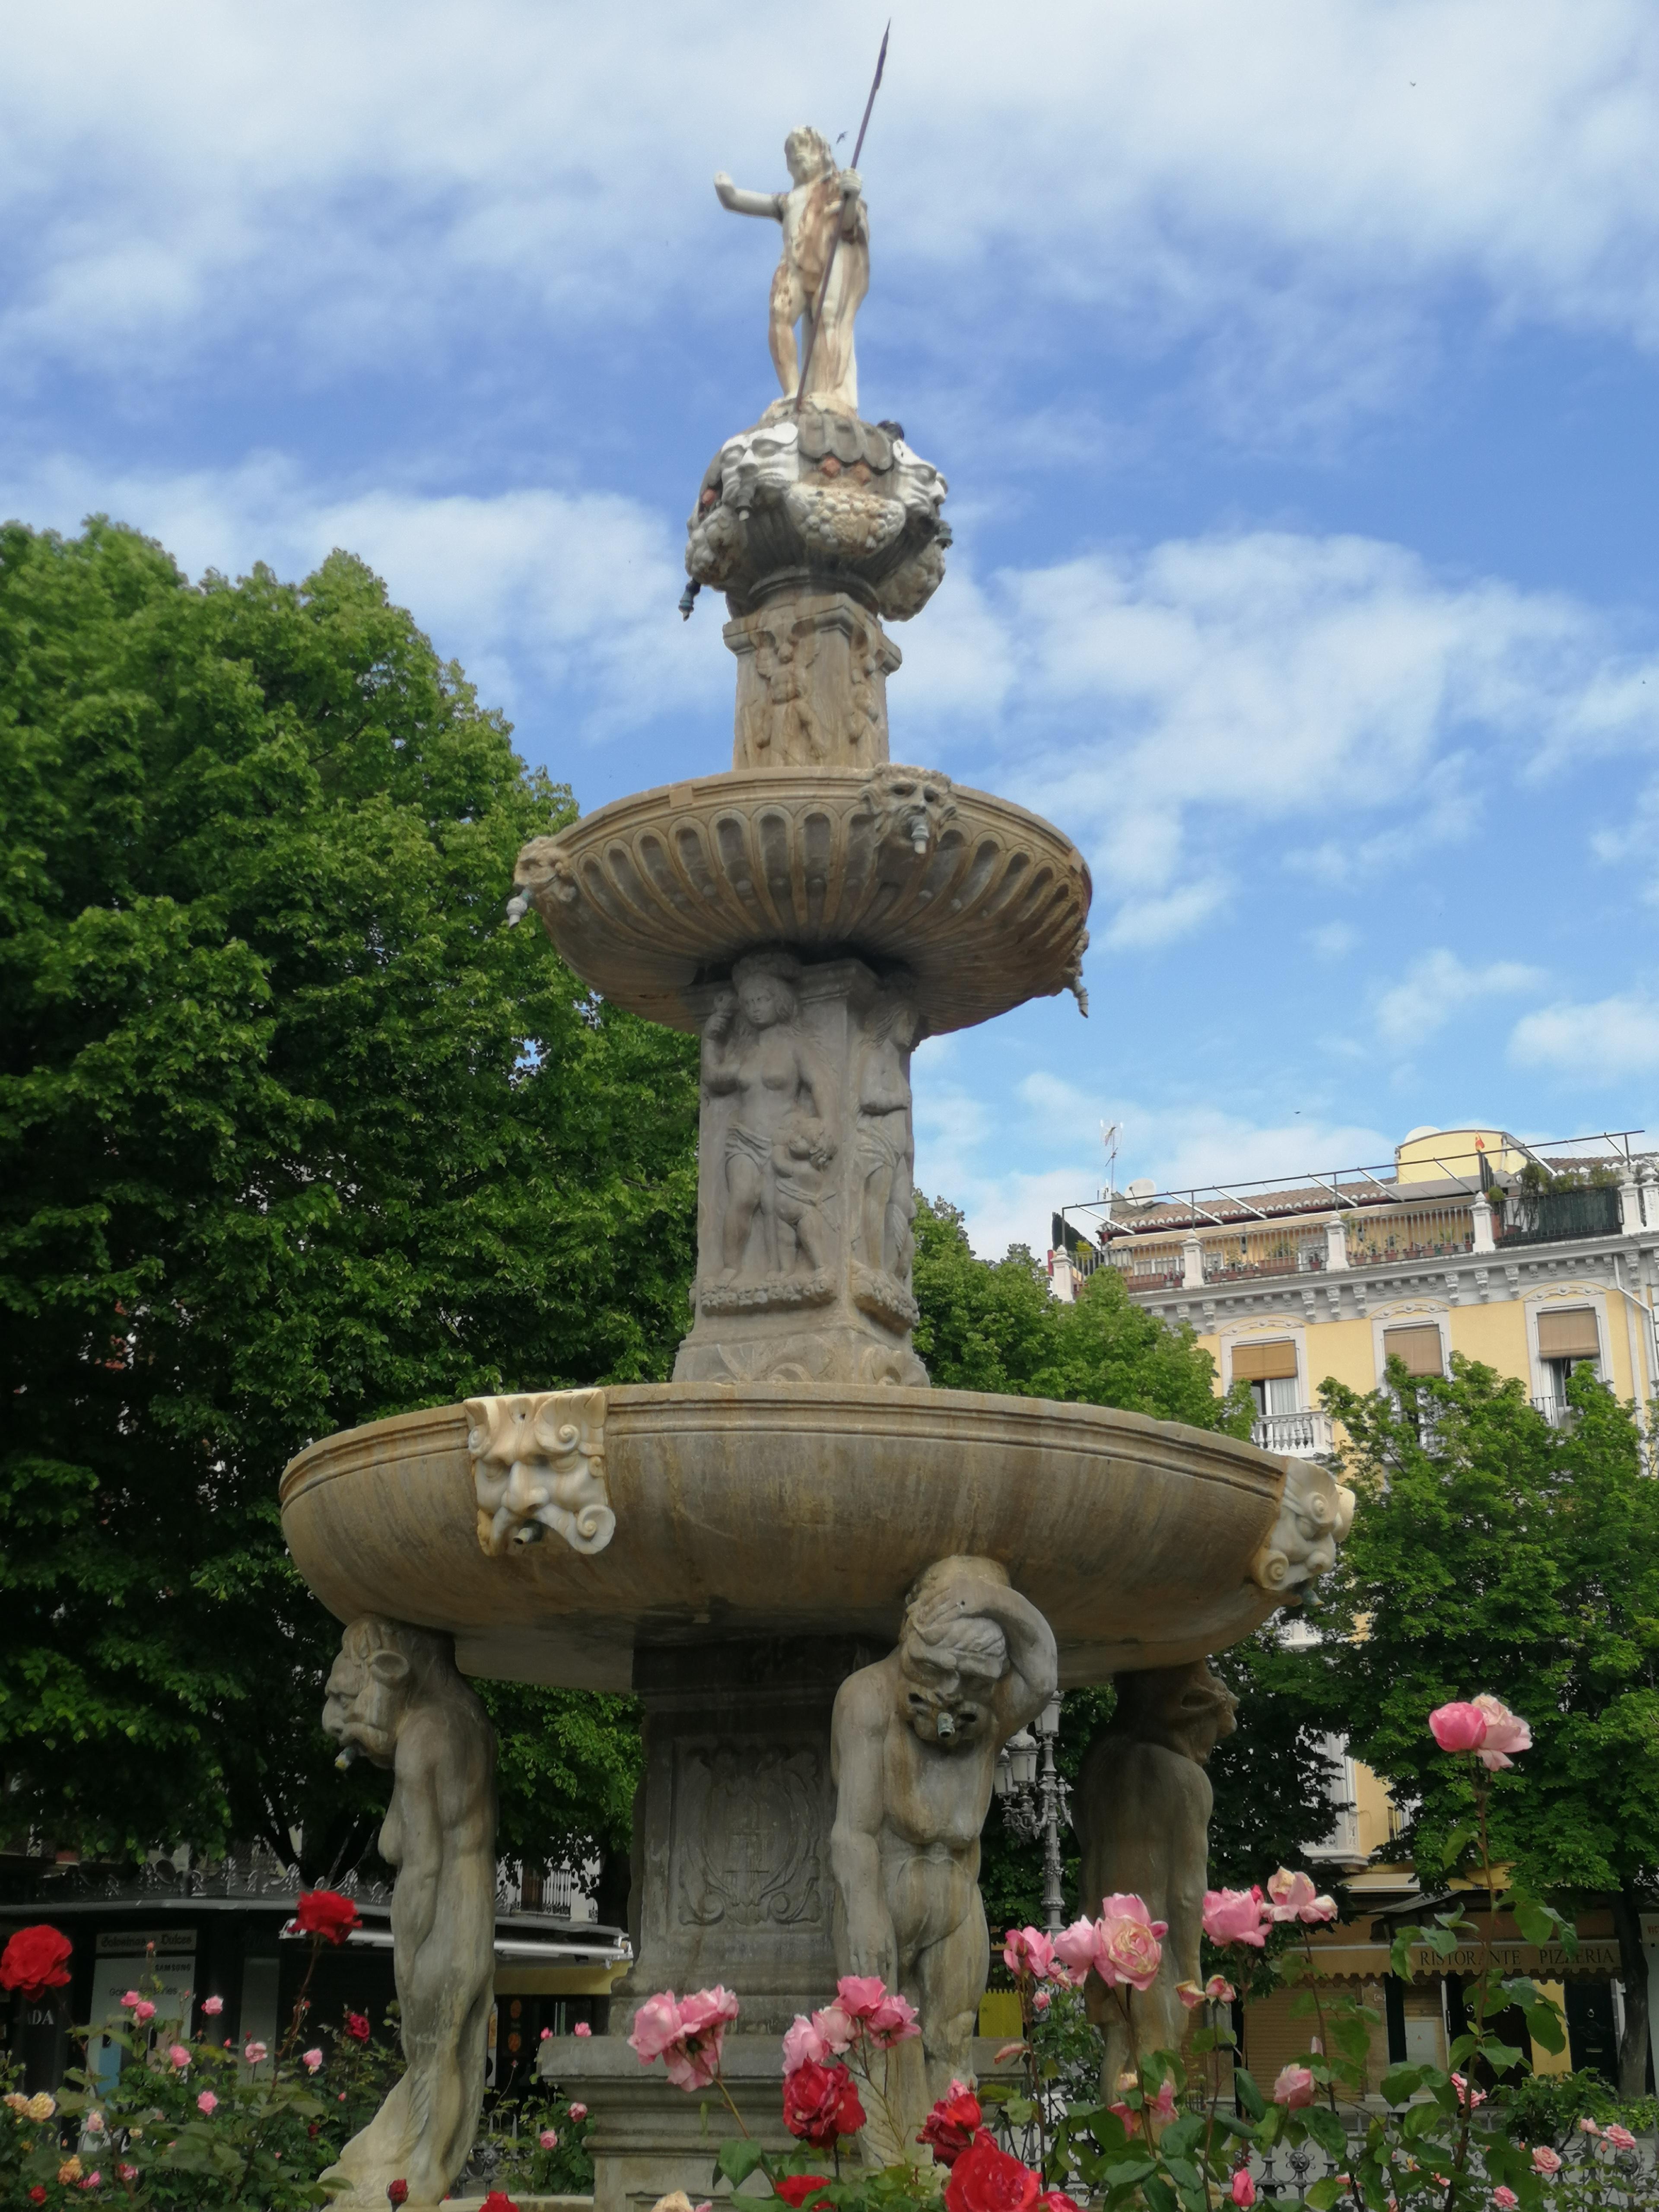 Fuente de los Gigantones. Plaza Bib.Rambla